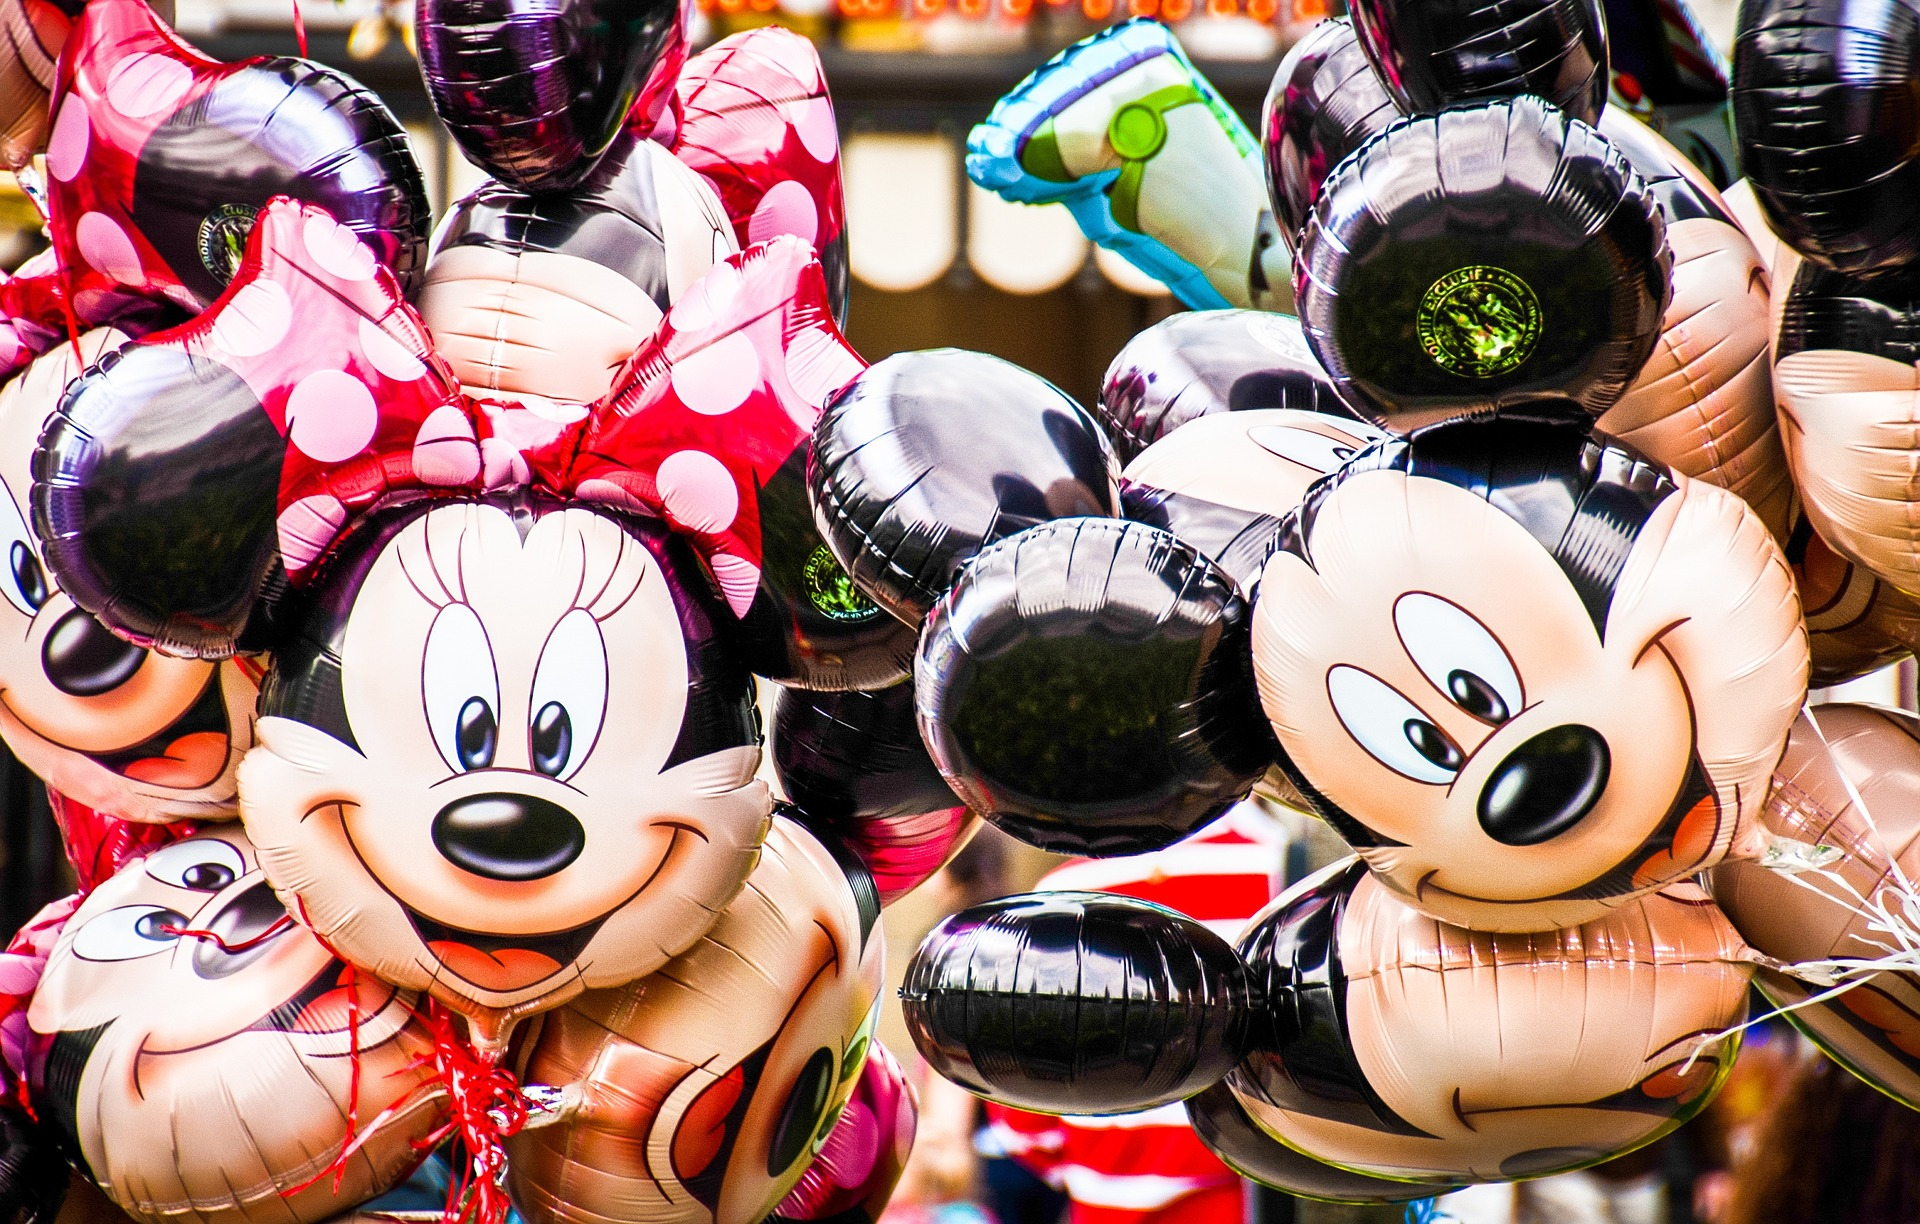 Acheter des actions Disney en 2020 est-ce une bonne idée ?